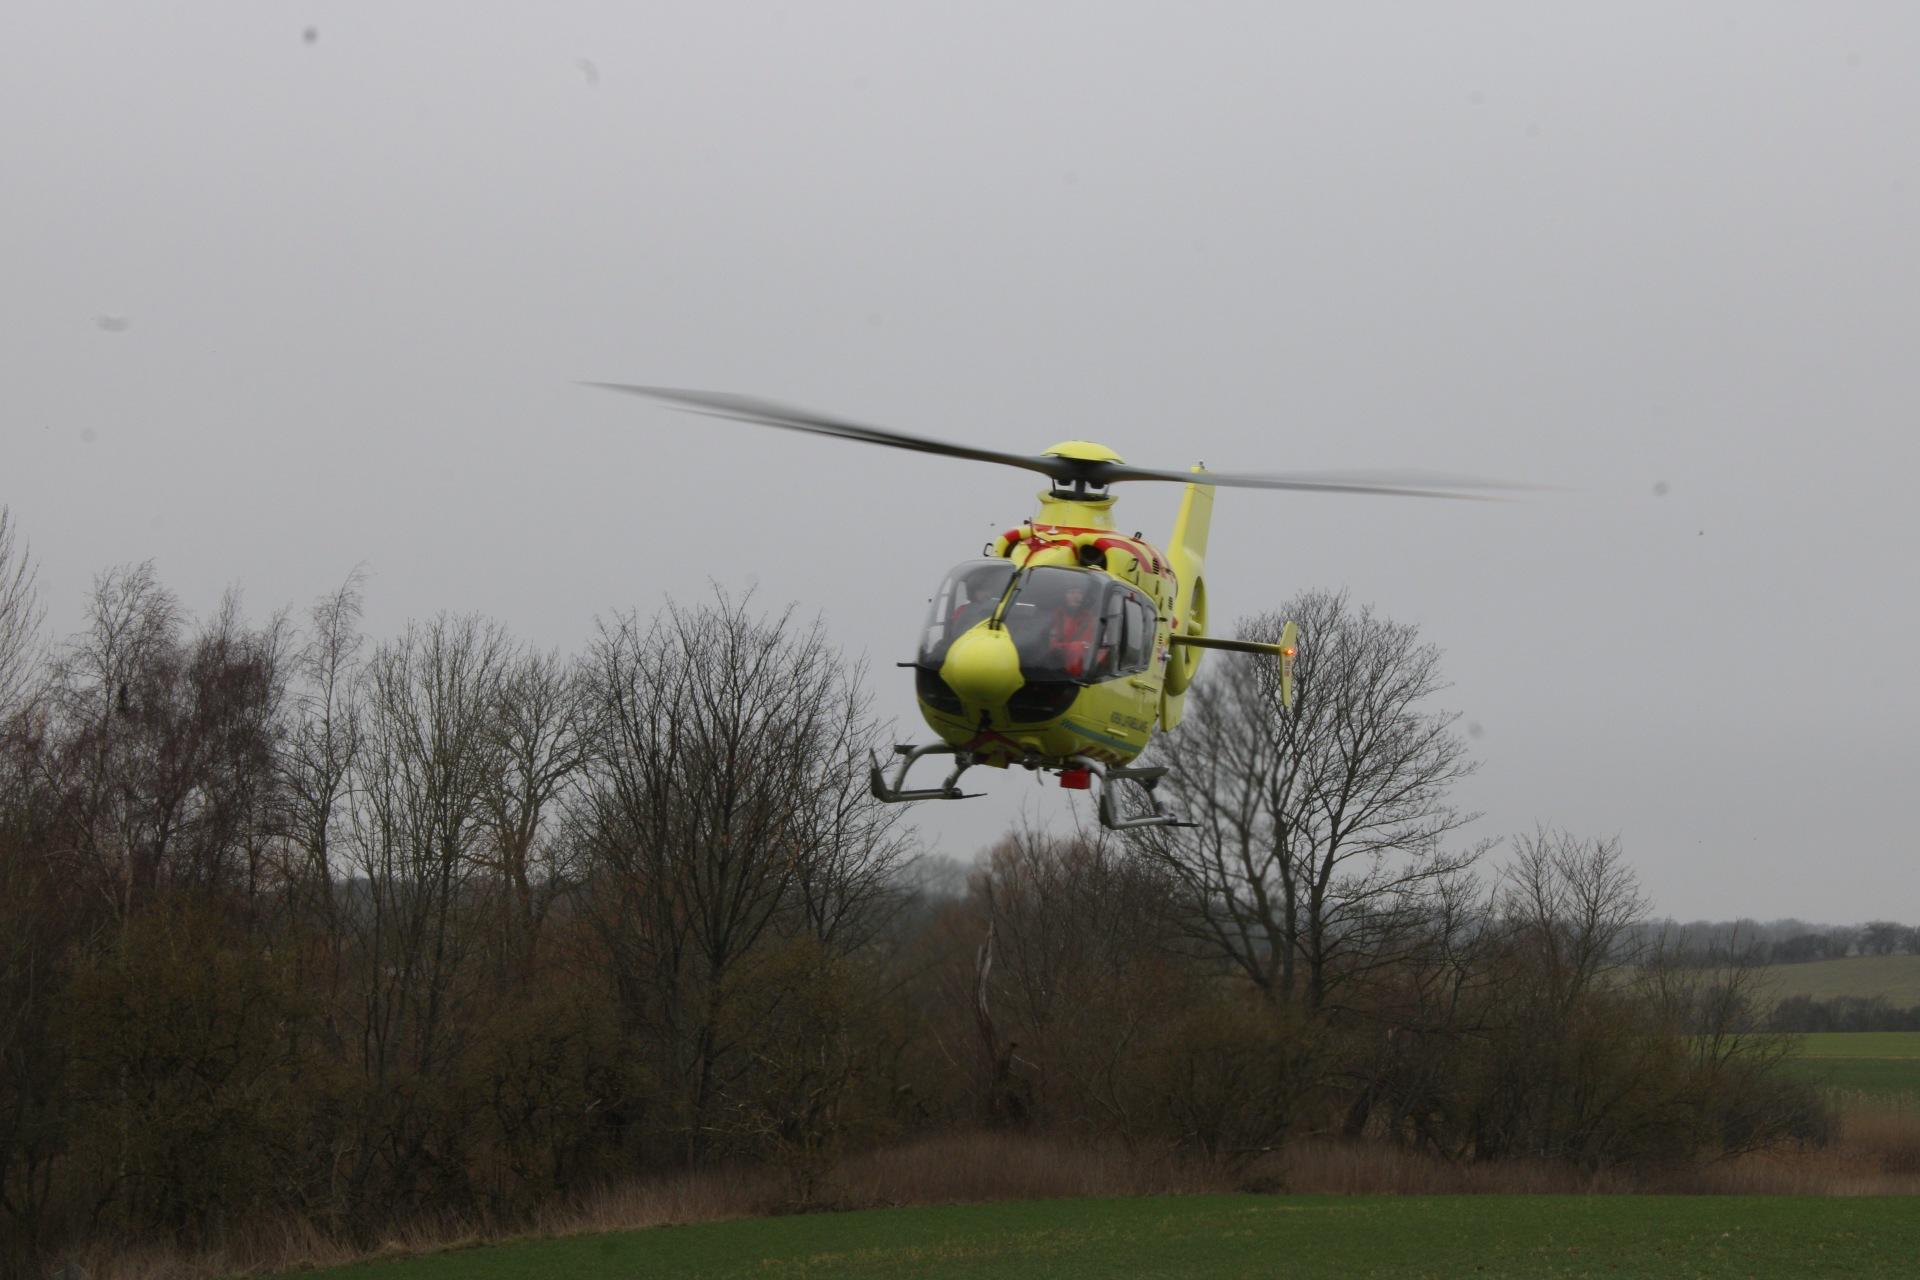 Ulykke i Nykøbing Sjælland - helikopter til stede